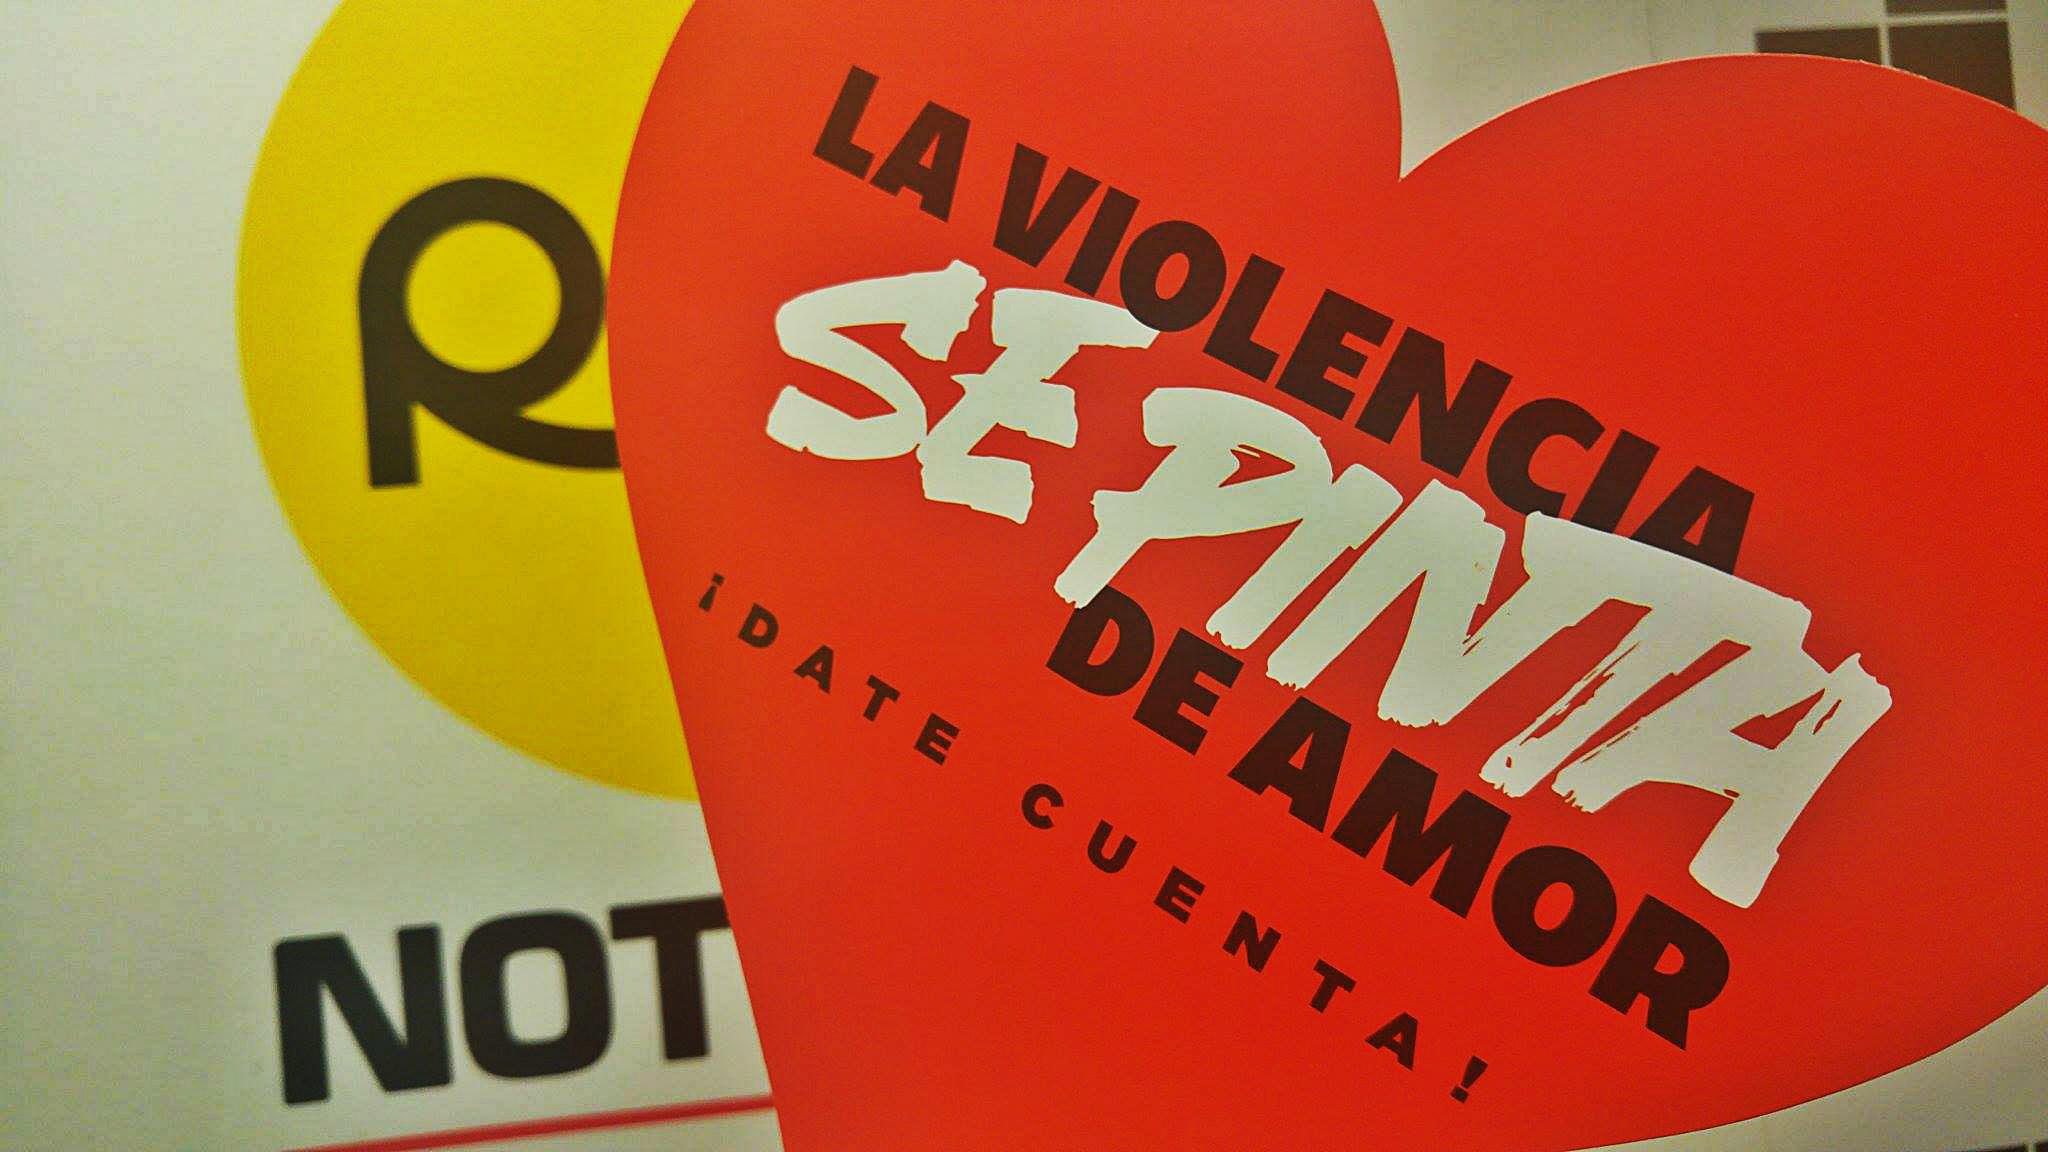 La campaña durará tres meses, pero las acciones para evitar la violencia contra la mujer no cesarán.